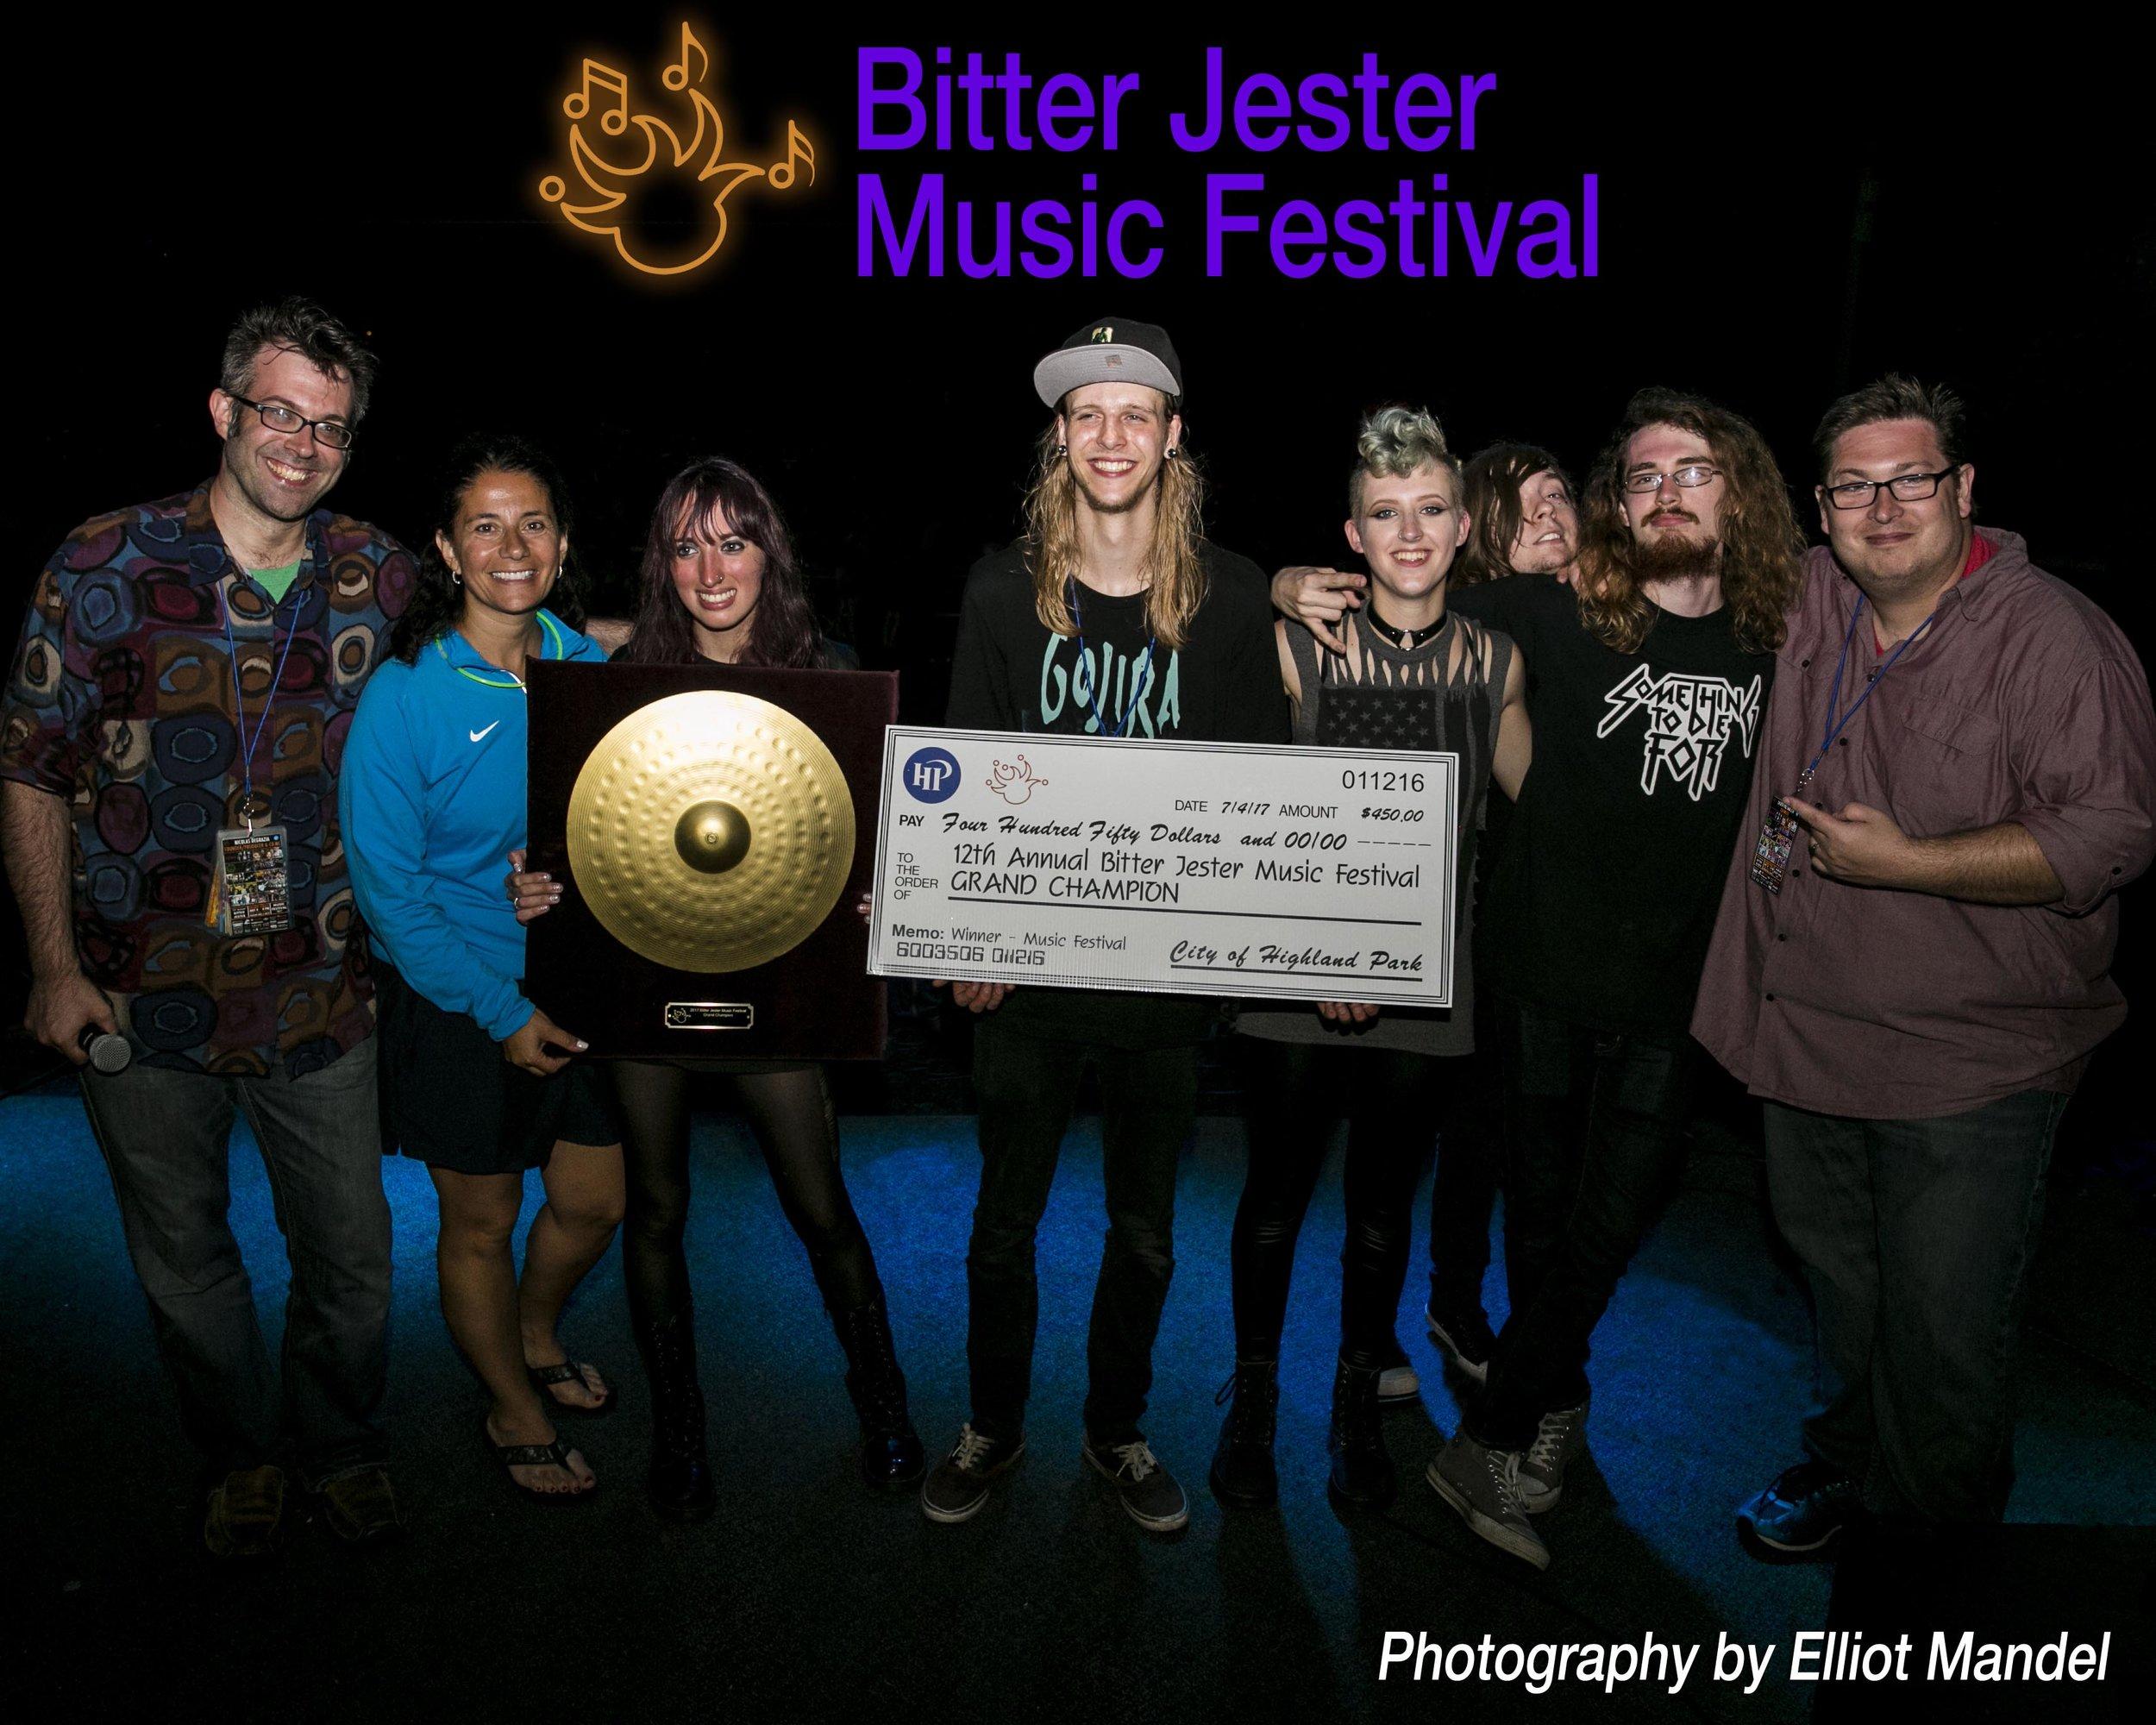 Bitter-Jester-Music-Fest_ElliotMandel-344-B.jpg